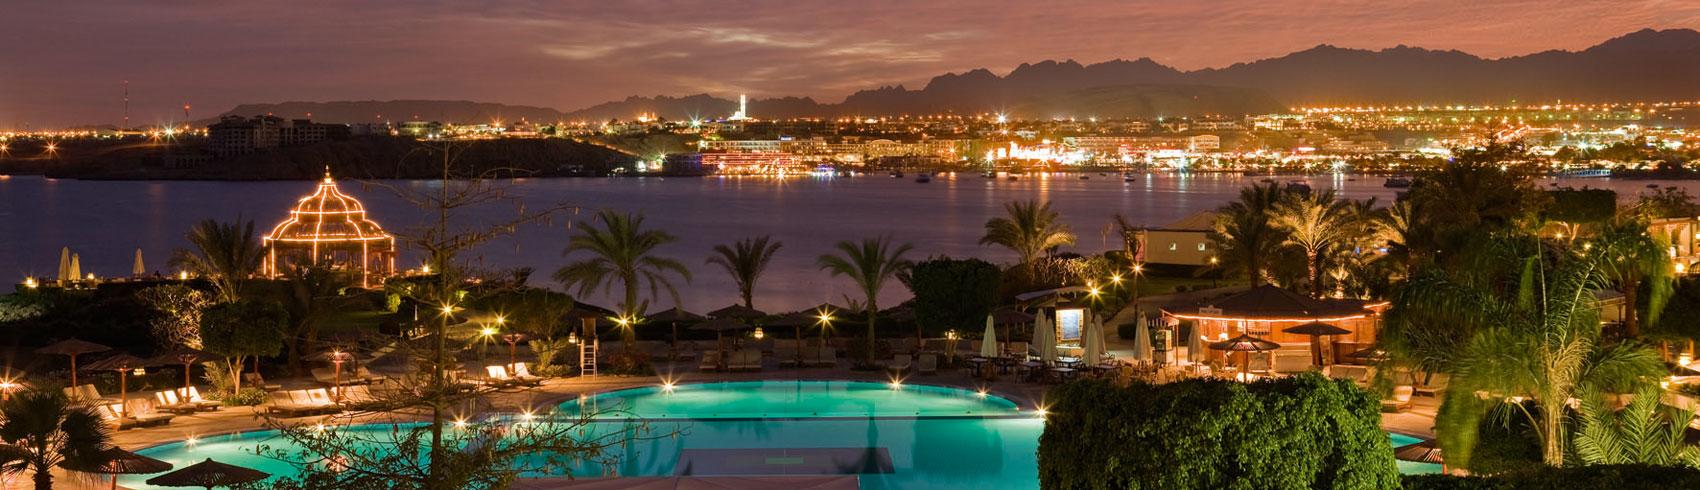 Hoe Sharm el-Sheikh Las Vegas aan de Rode Zee werd